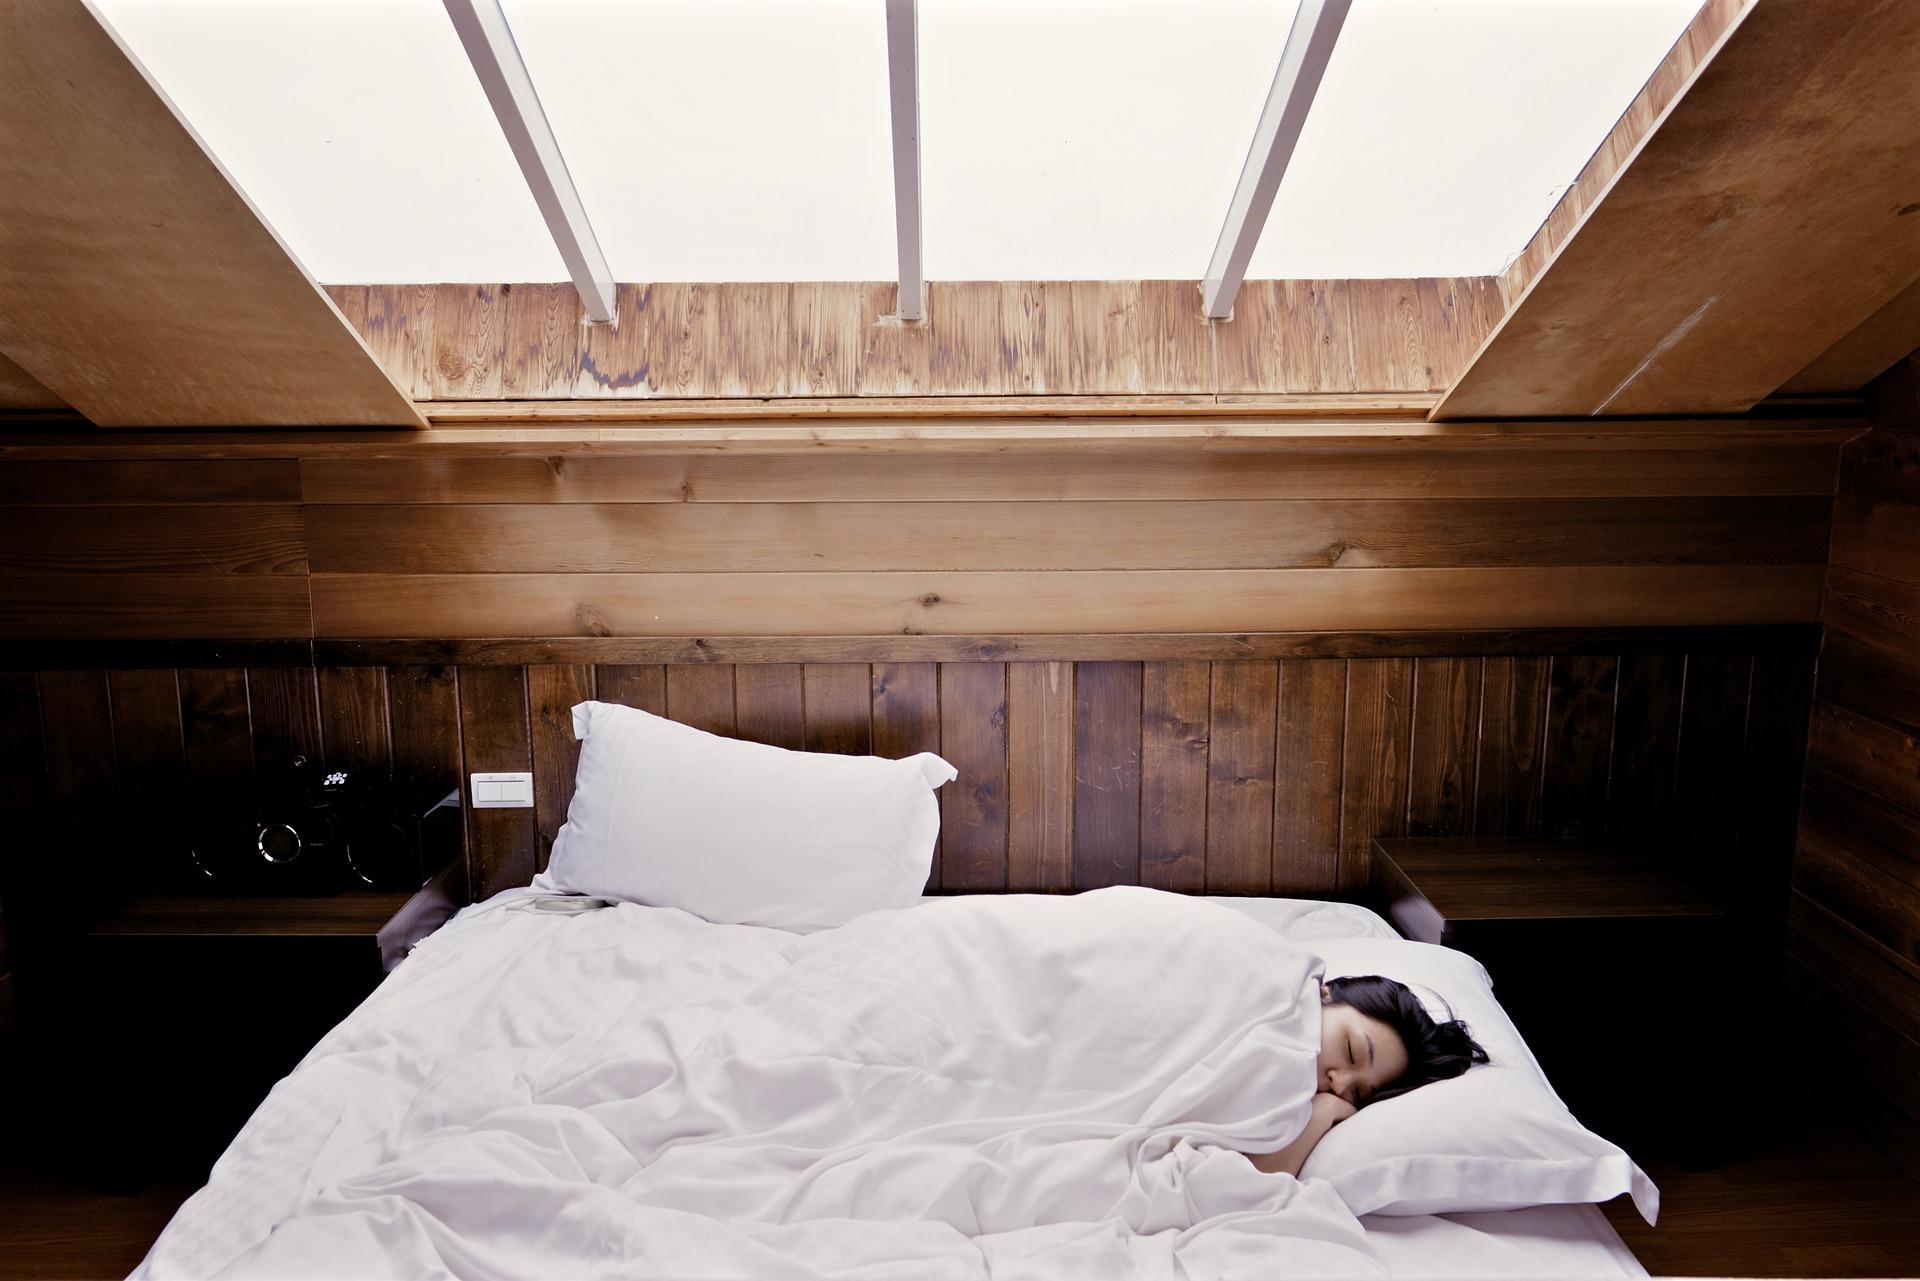 Como emagrecer dormindo - 10 alimentos que ajudam a dormir bem